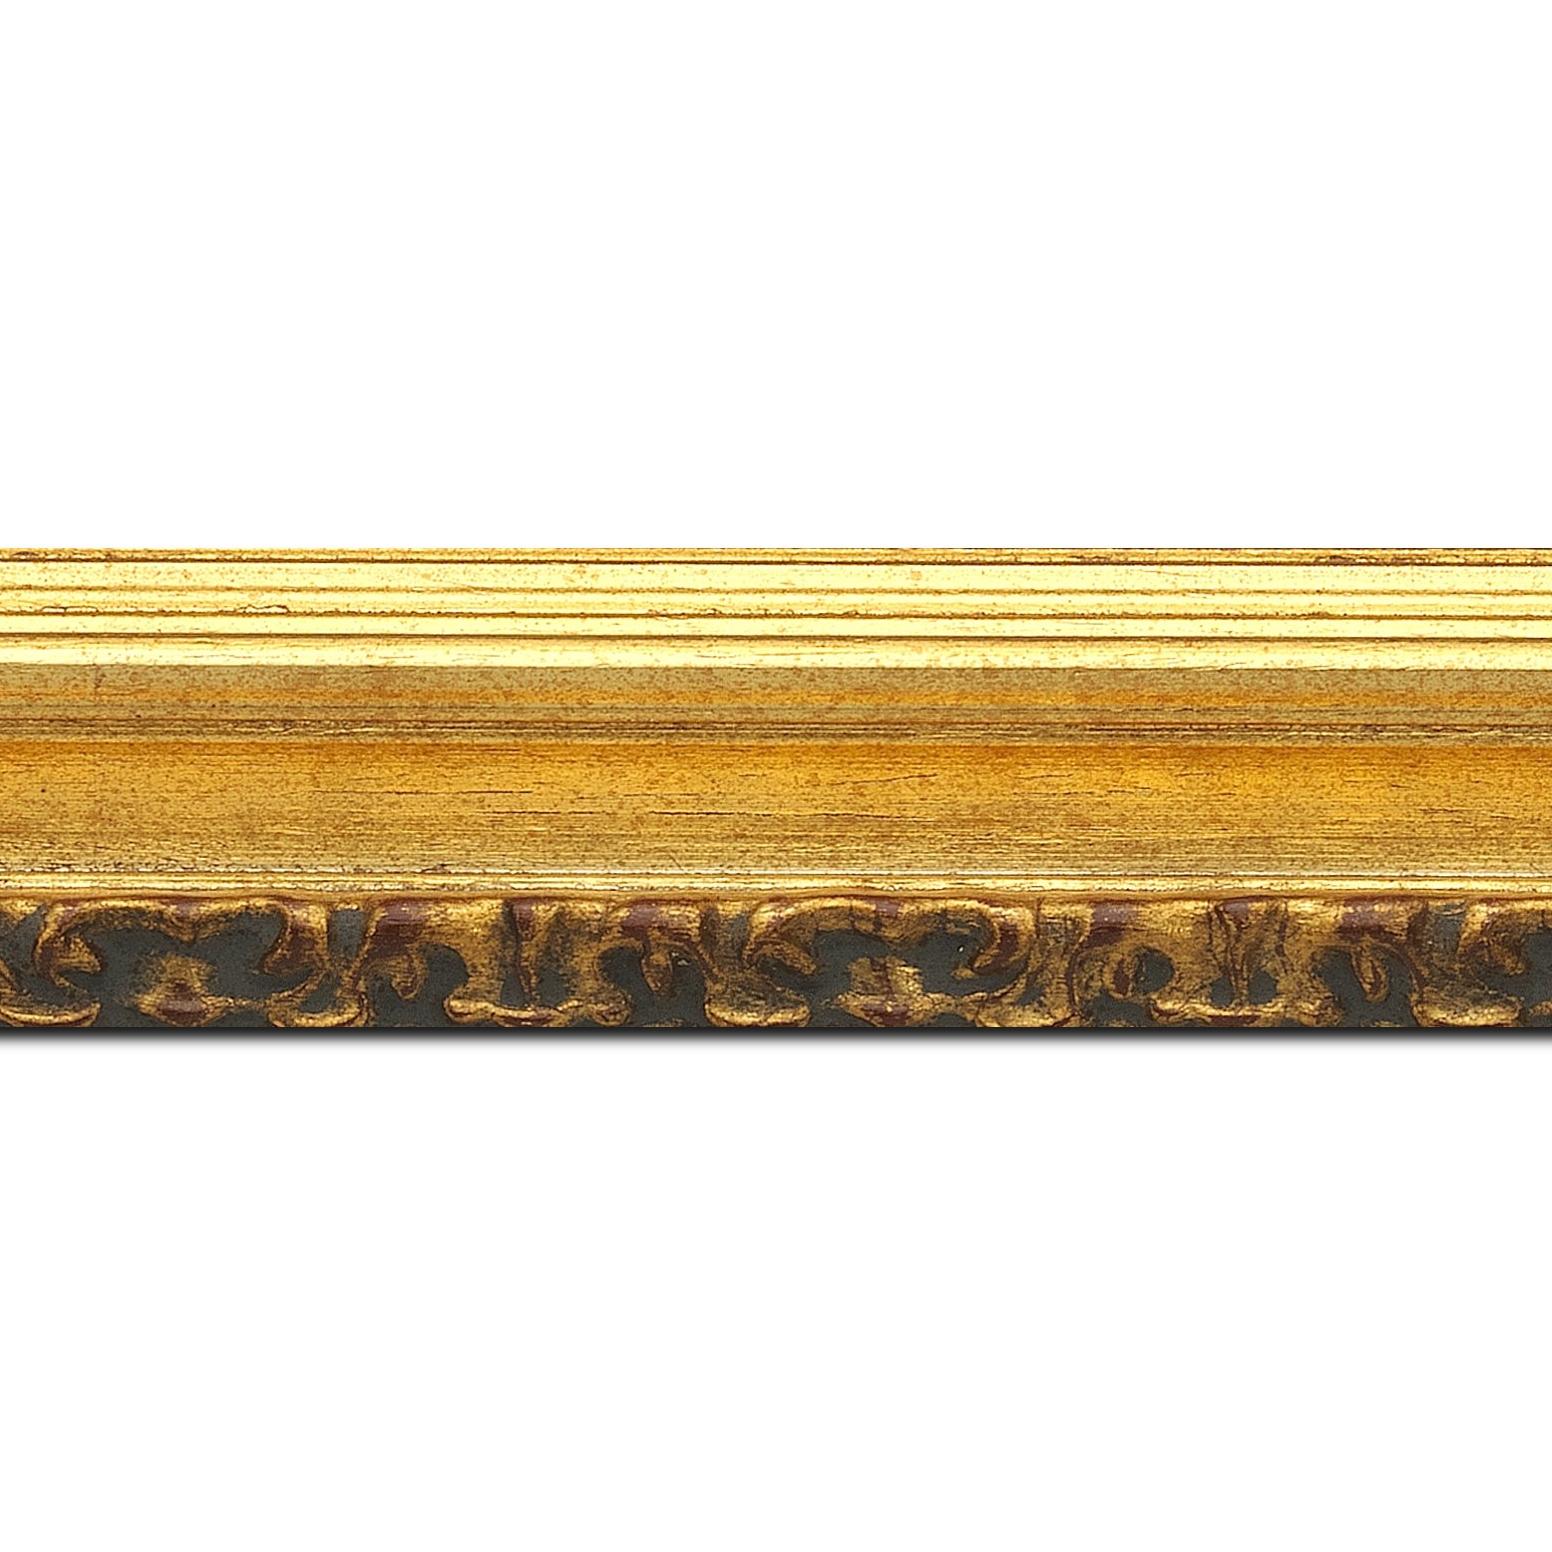 Pack par 12m, bois profil incurvé largeur 5.1cm couleur or patiné à la feuille gorge or nez ornement (longueur baguette pouvant varier entre 2.40m et 3m selon arrivage des bois)